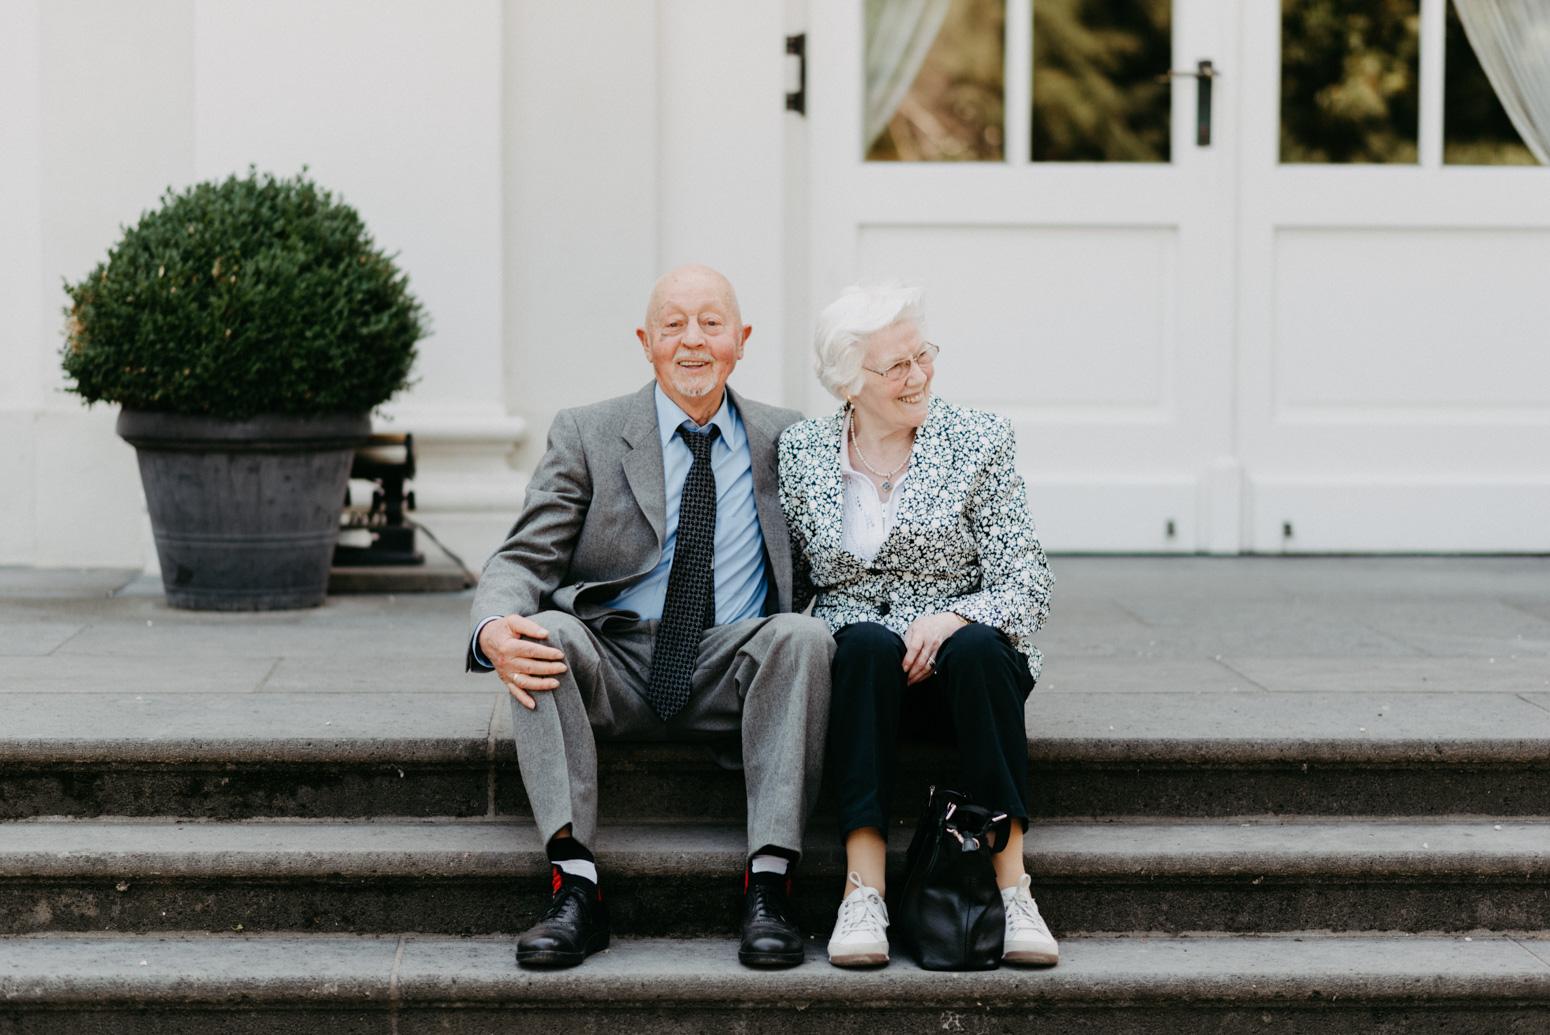 Älteres Paar sitzt Arm in Arm auf einer Treppe.